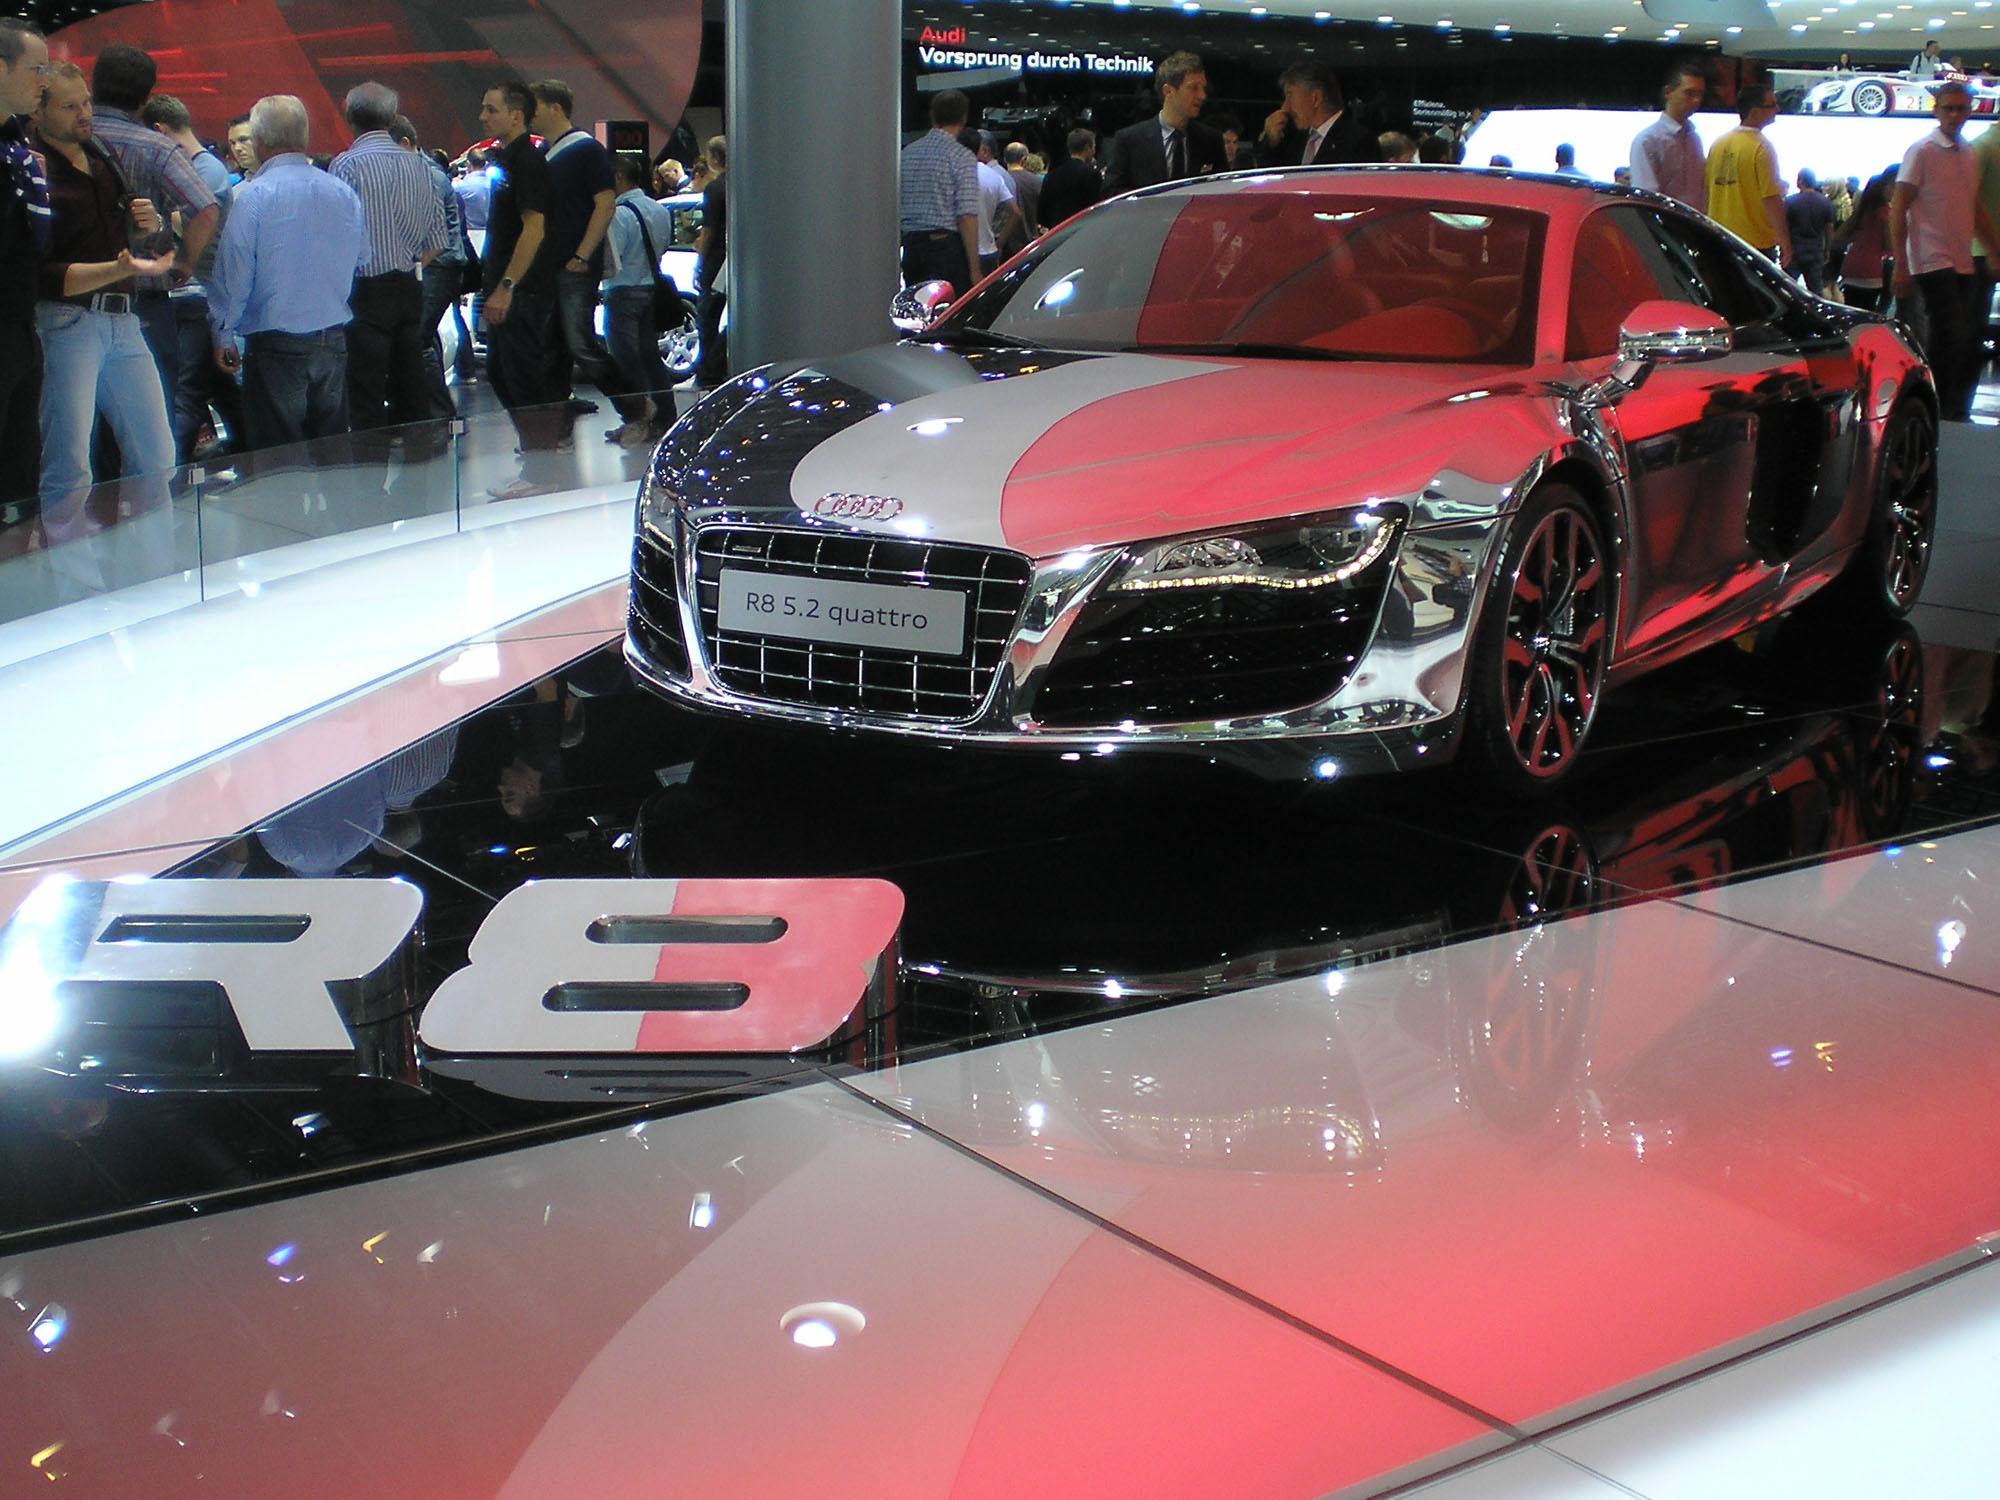 Holger Sprenger Audi R8 5.2 quattro